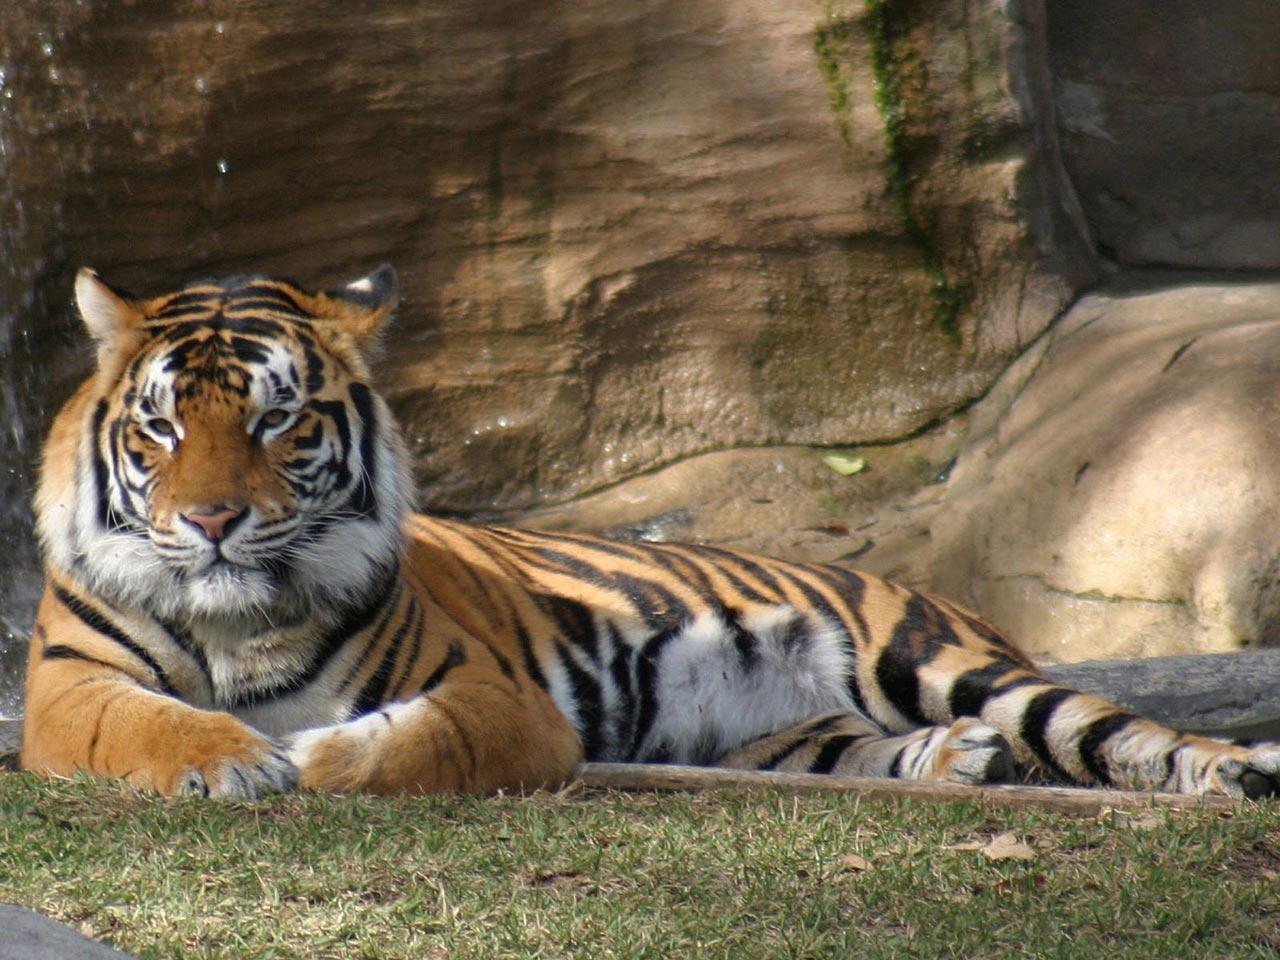 http://3.bp.blogspot.com/_KafQpwsq4TA/S9Cdr7_pnzI/AAAAAAAAIdI/TCE0wLvxAoI/s1600/papel-de-parede-animais-09.jpg